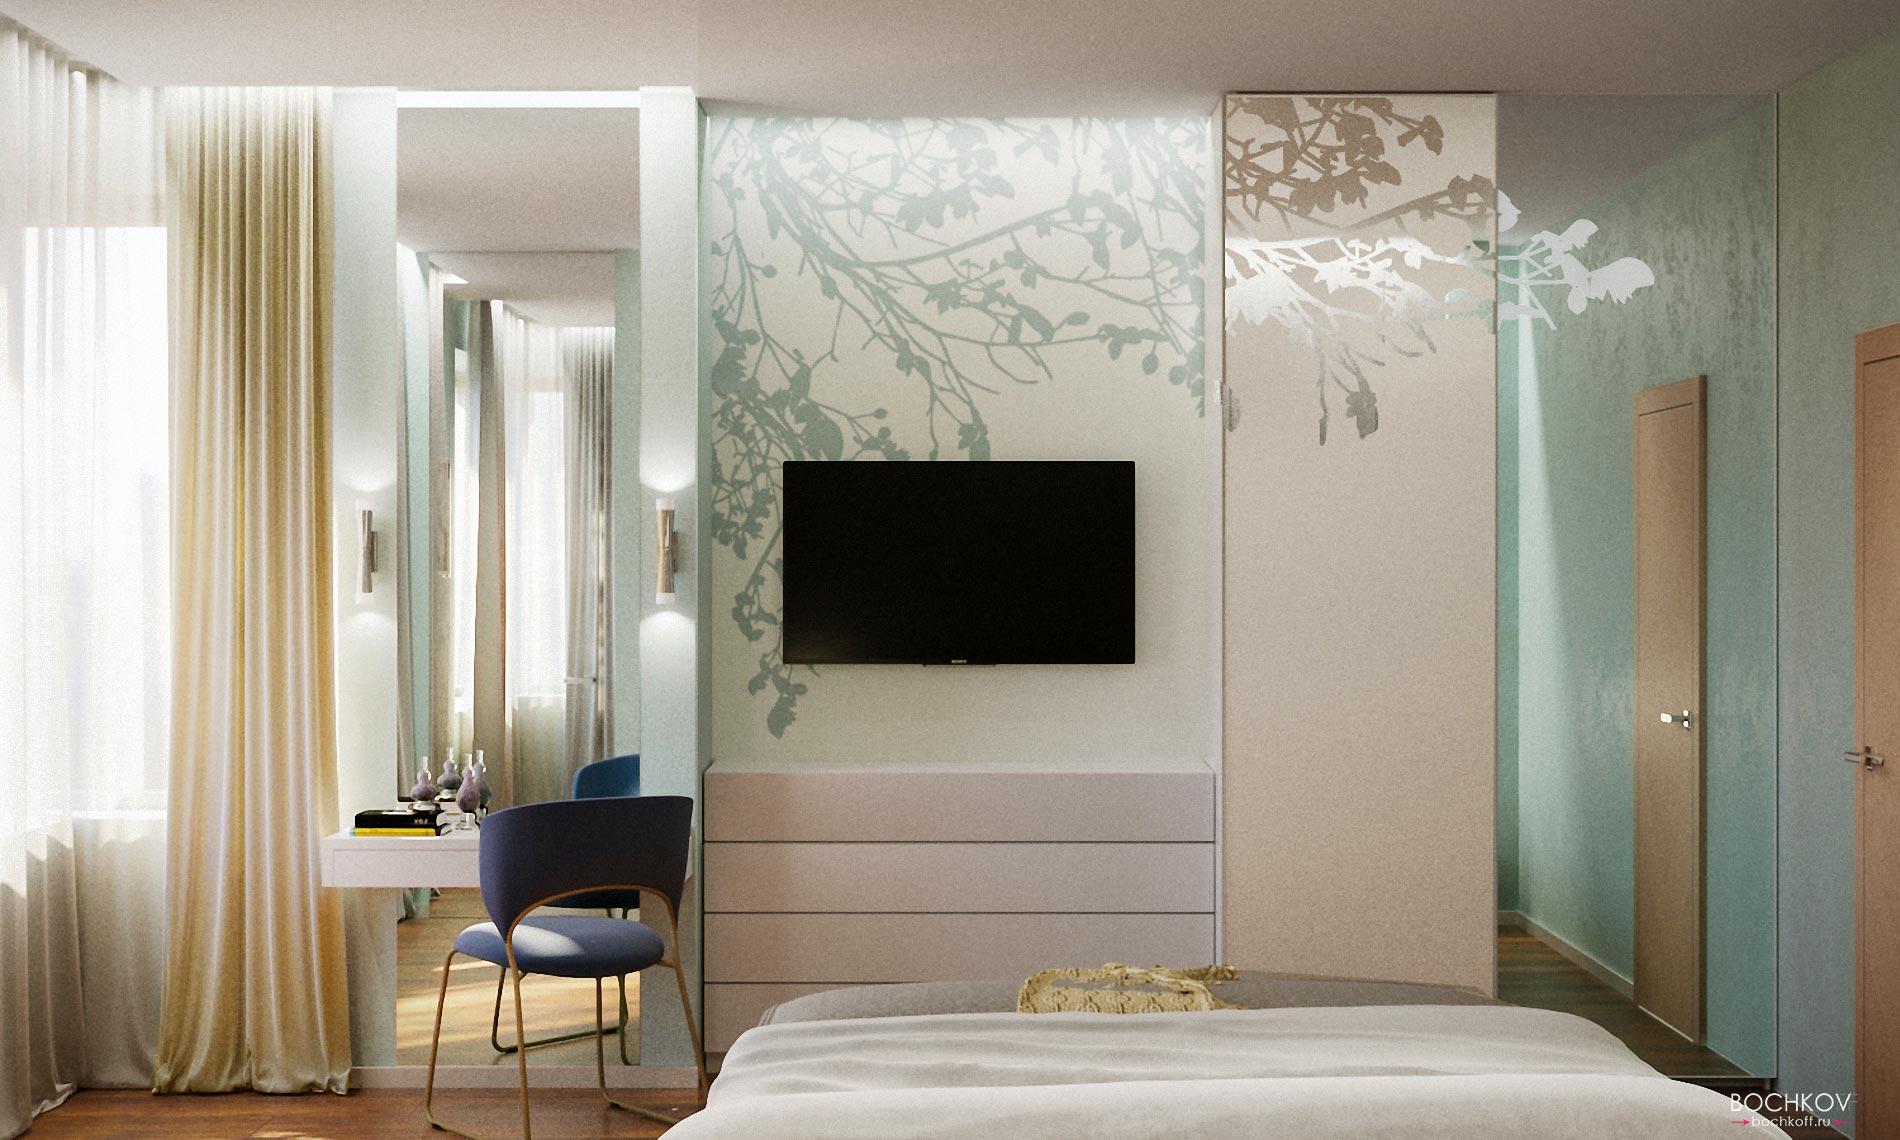 Интерьер спальной комнаты вид с кровати | Космаково 5